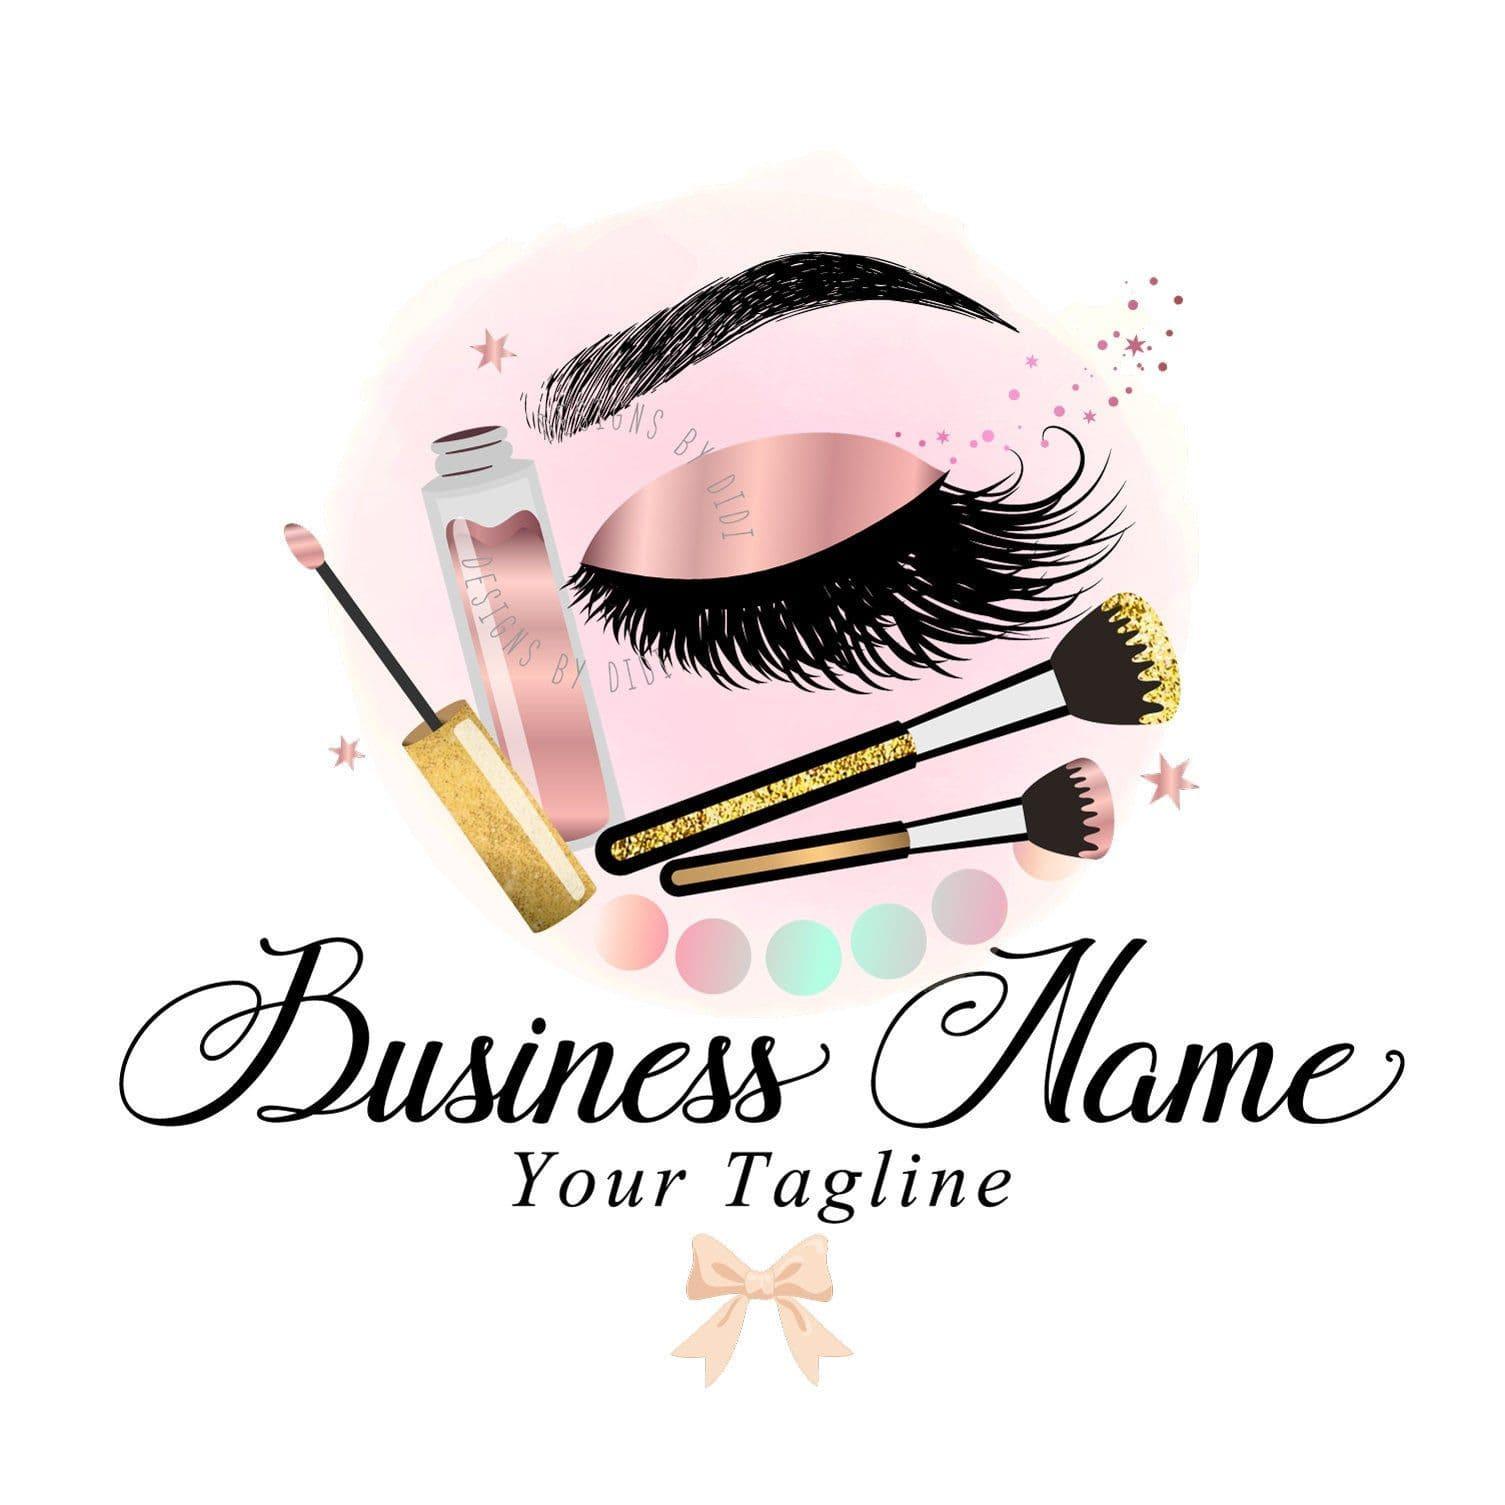 logo sản phẩm trang điểm